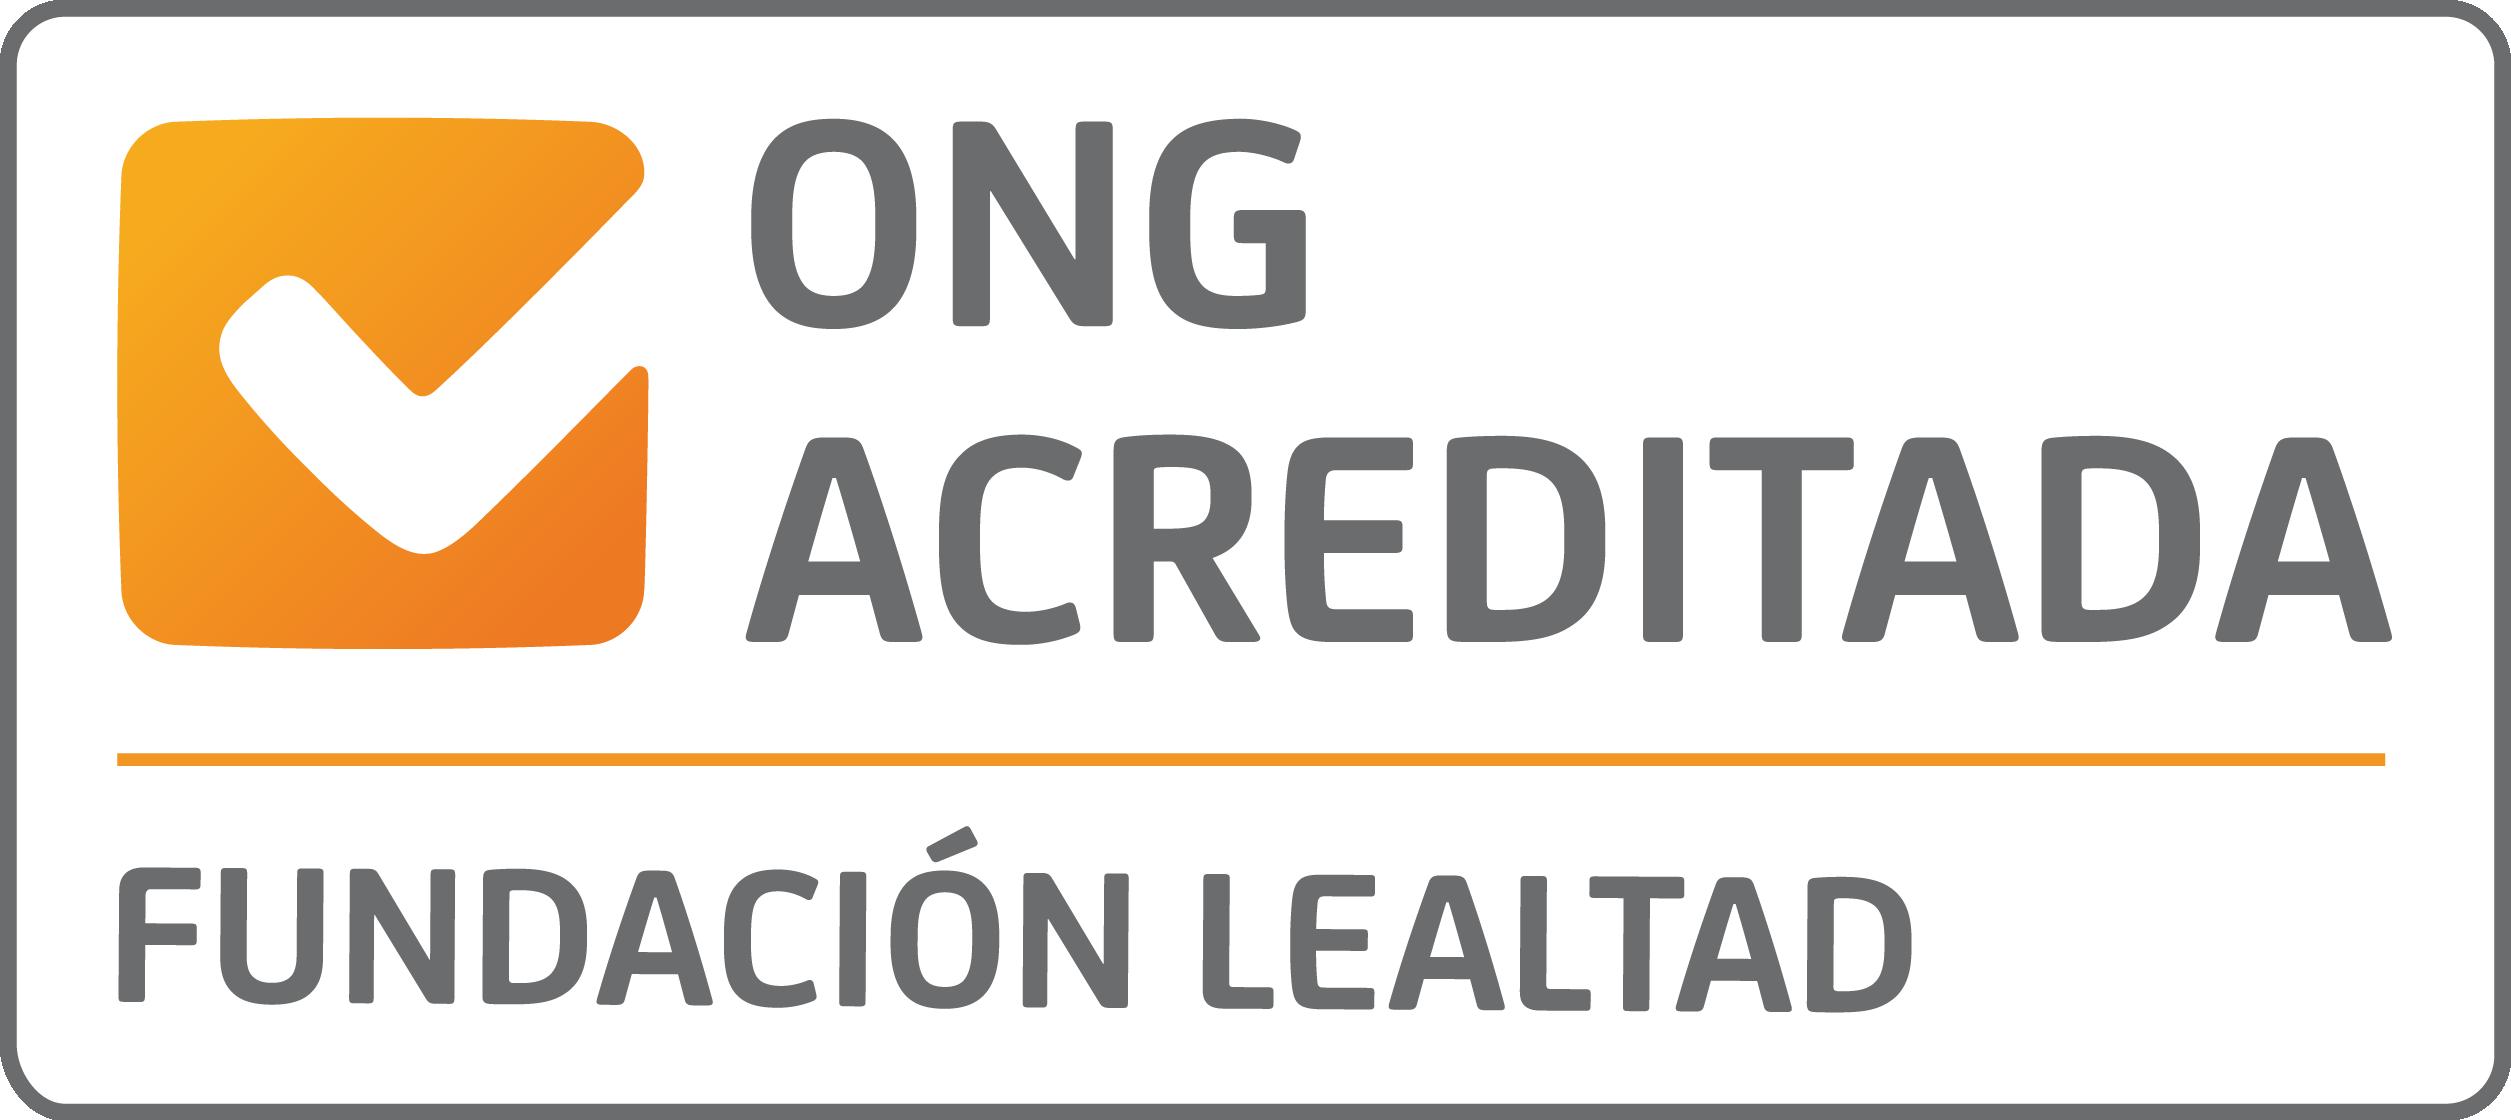 Cudeca renueva el sello ONG Acreditada de la Fundación Lealtad